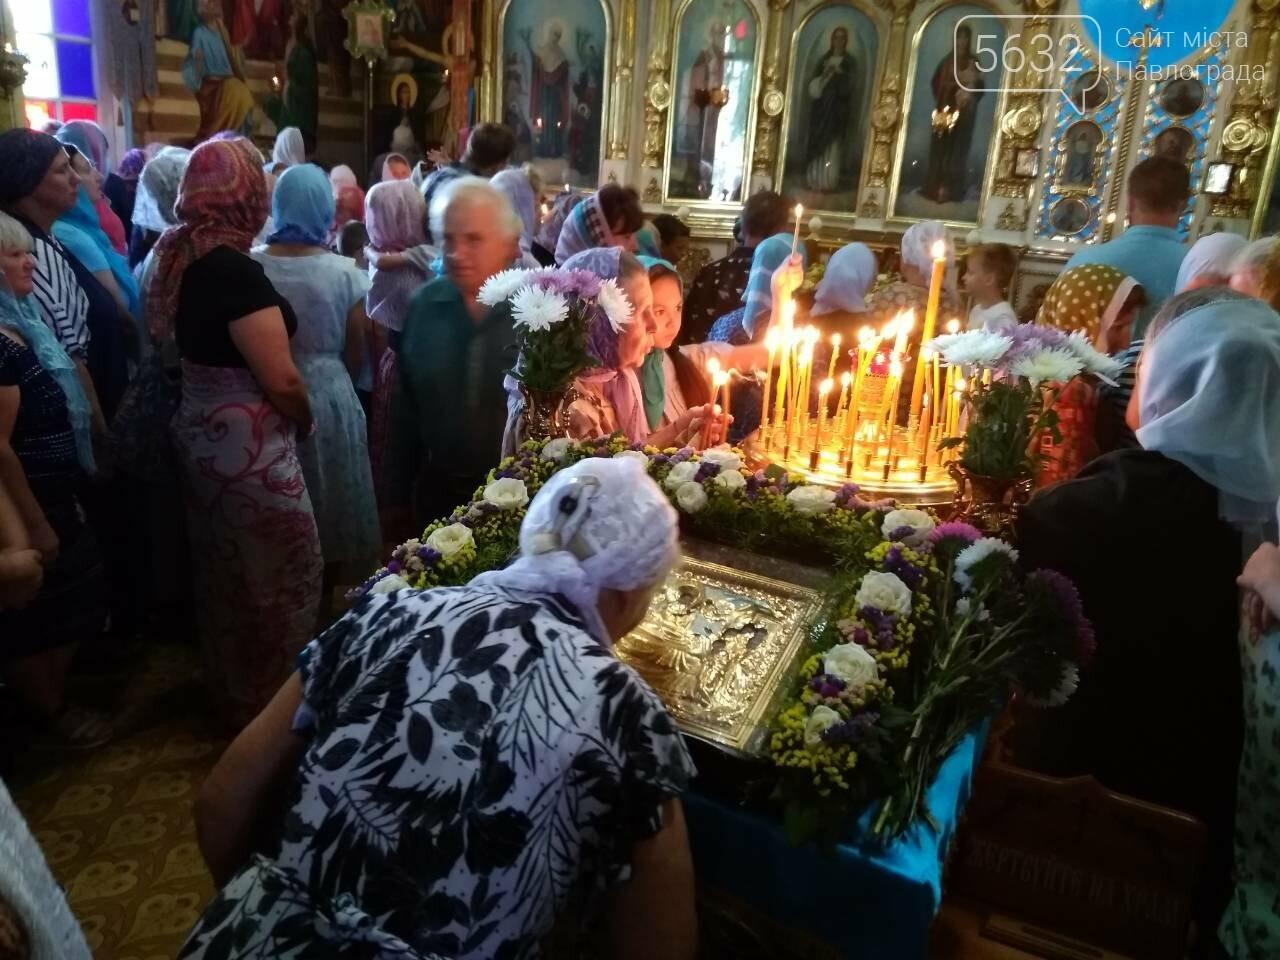 В Павлограде православные празднуют Успение Пресвятой Богородицы (Обновлено), фото-1